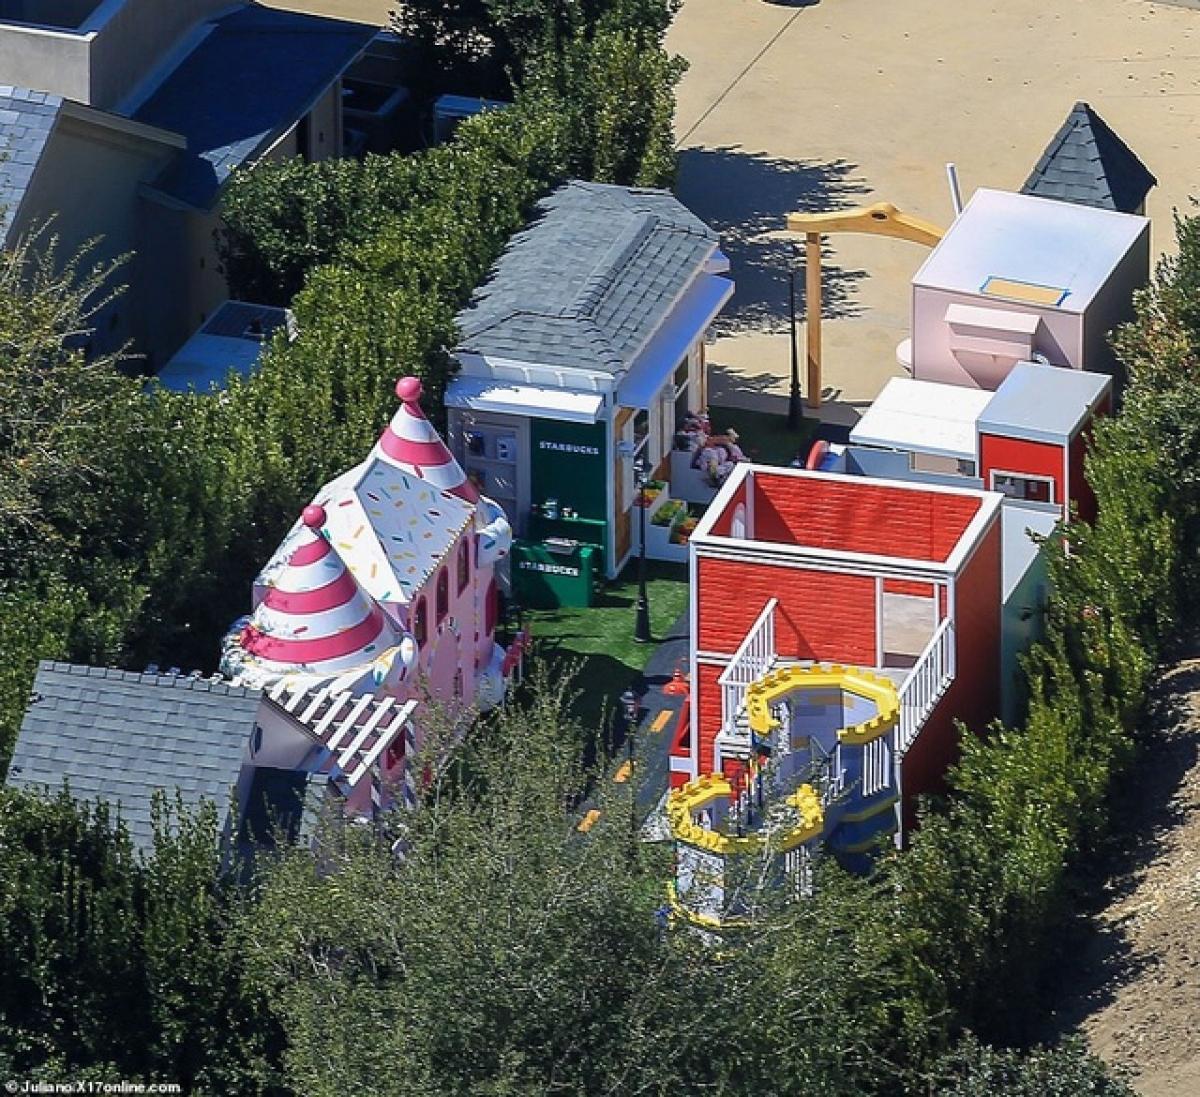 Kim Kardashian hiện sống cùng bốn đứa con nhỏ tại biệt thự sang trọng này. Kanye West đã chuyển đi sau khi Kim đệ đơn xin ly dị lên tòa án./.